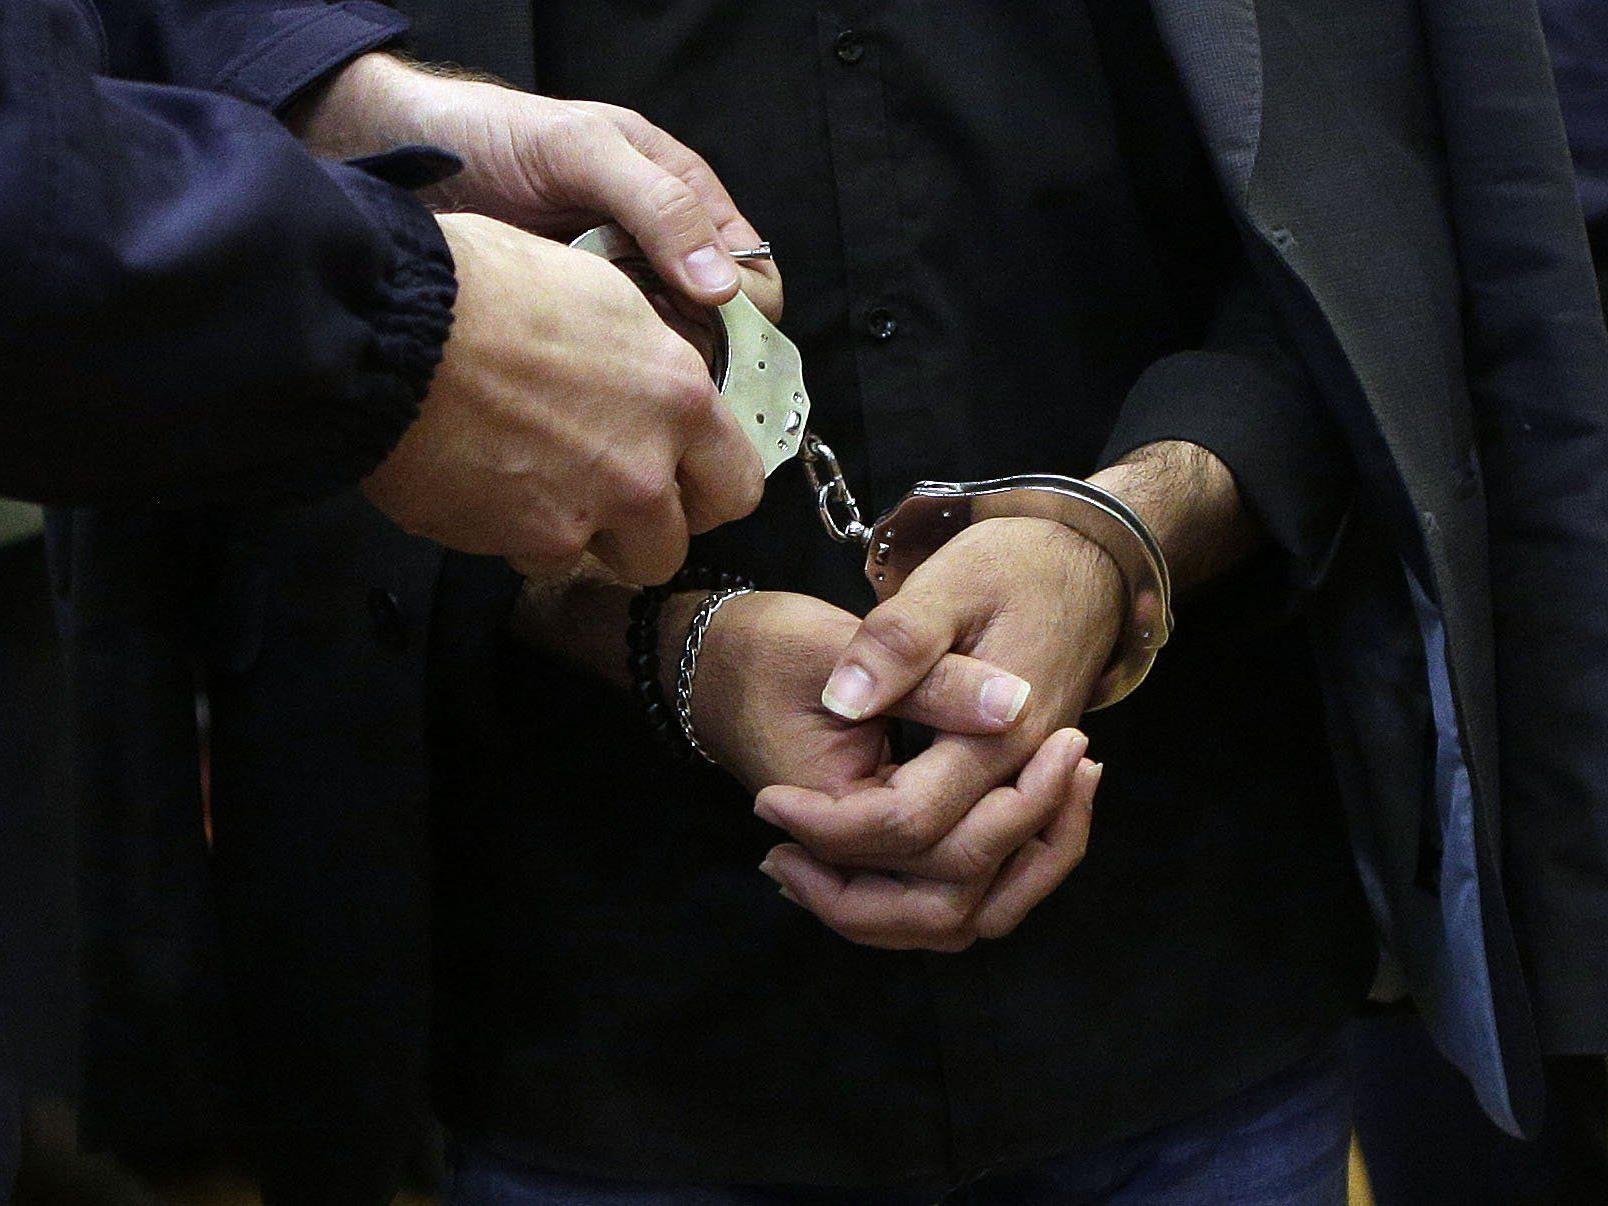 Für vier Drogendealer klicken am Donnerstag in Wien die Handschllen.